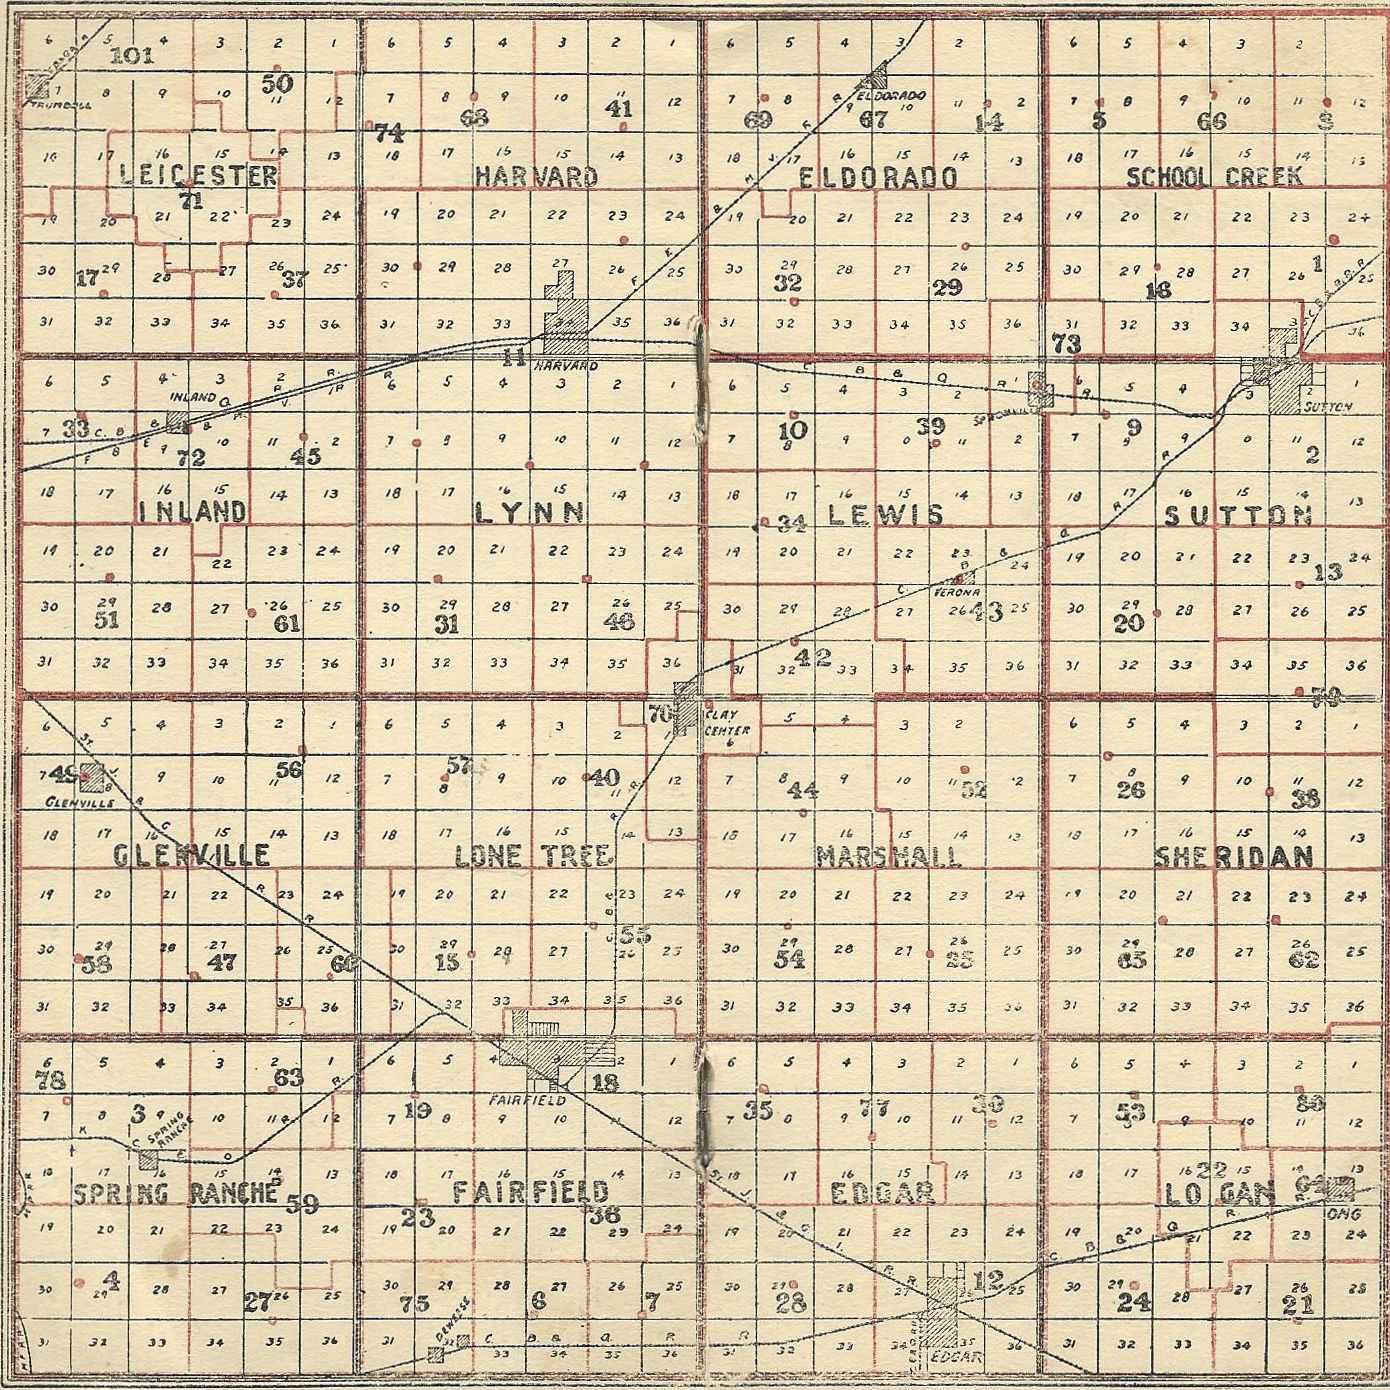 Nebraska Map By County.Sutton Nebraska Museum 1930 1931 Clay County Rural School Map